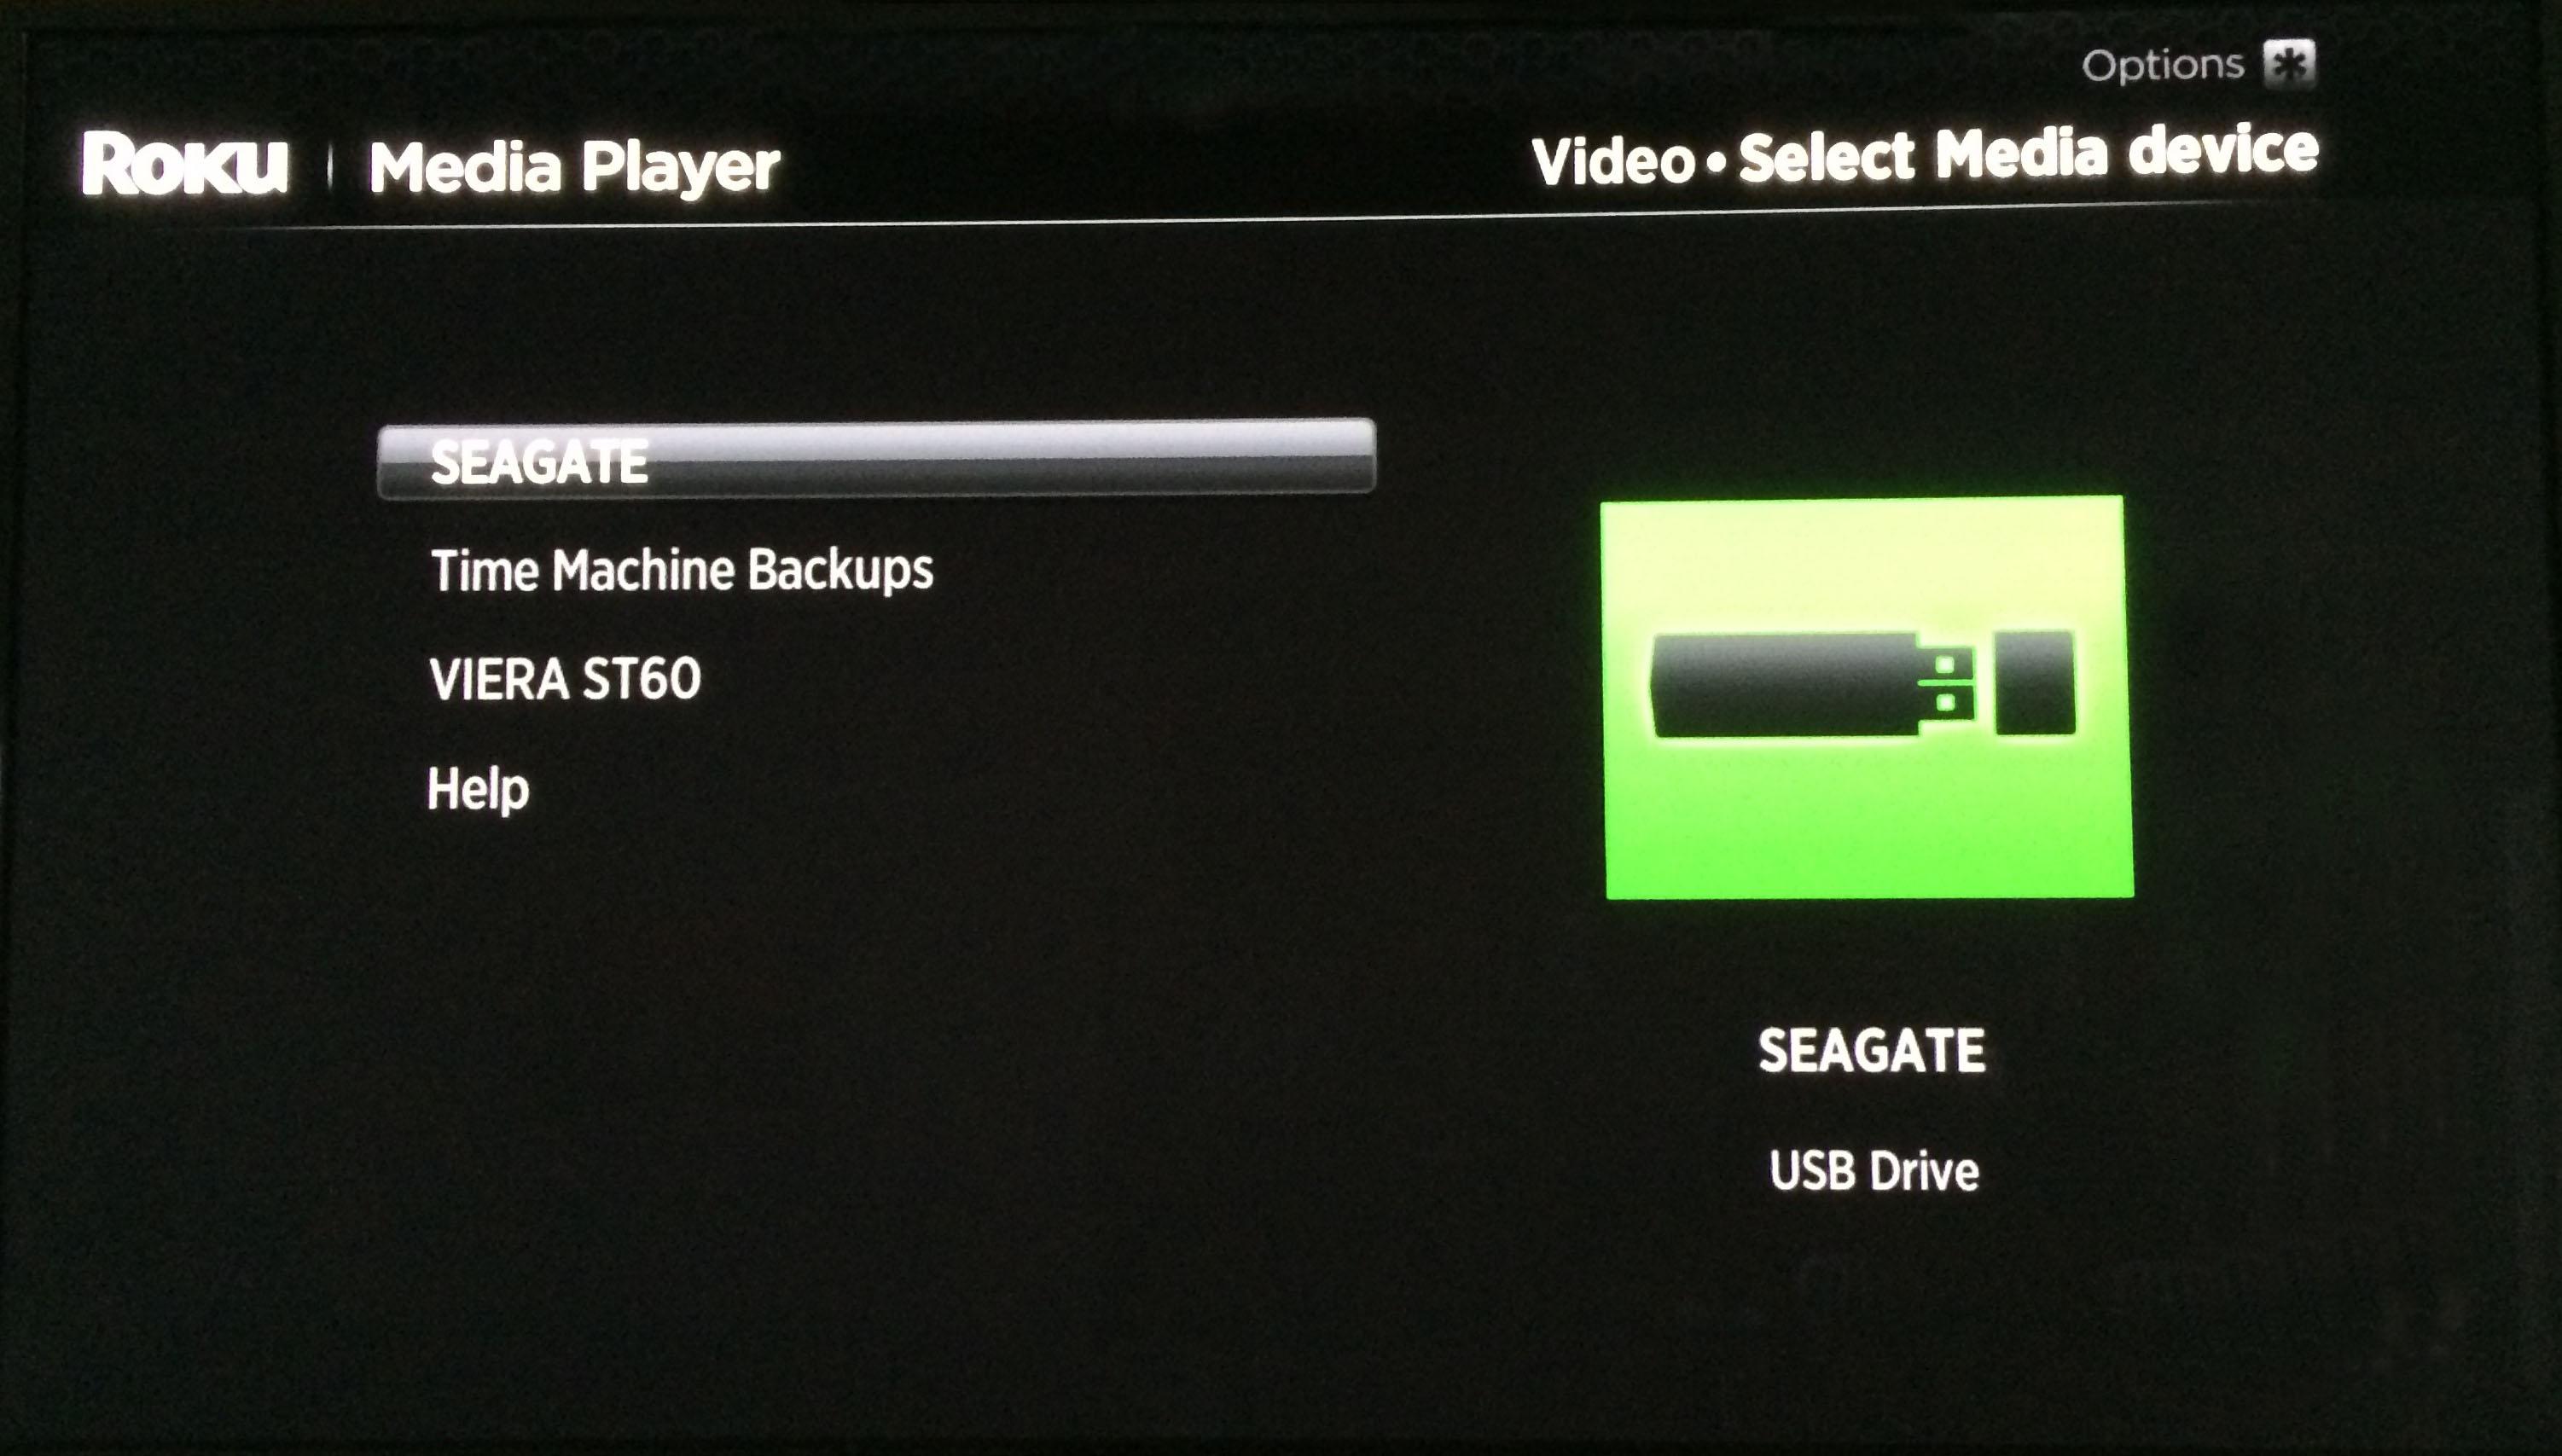 Stream iTunes movies on Roku, play DRM-ed M4V videos via Roku